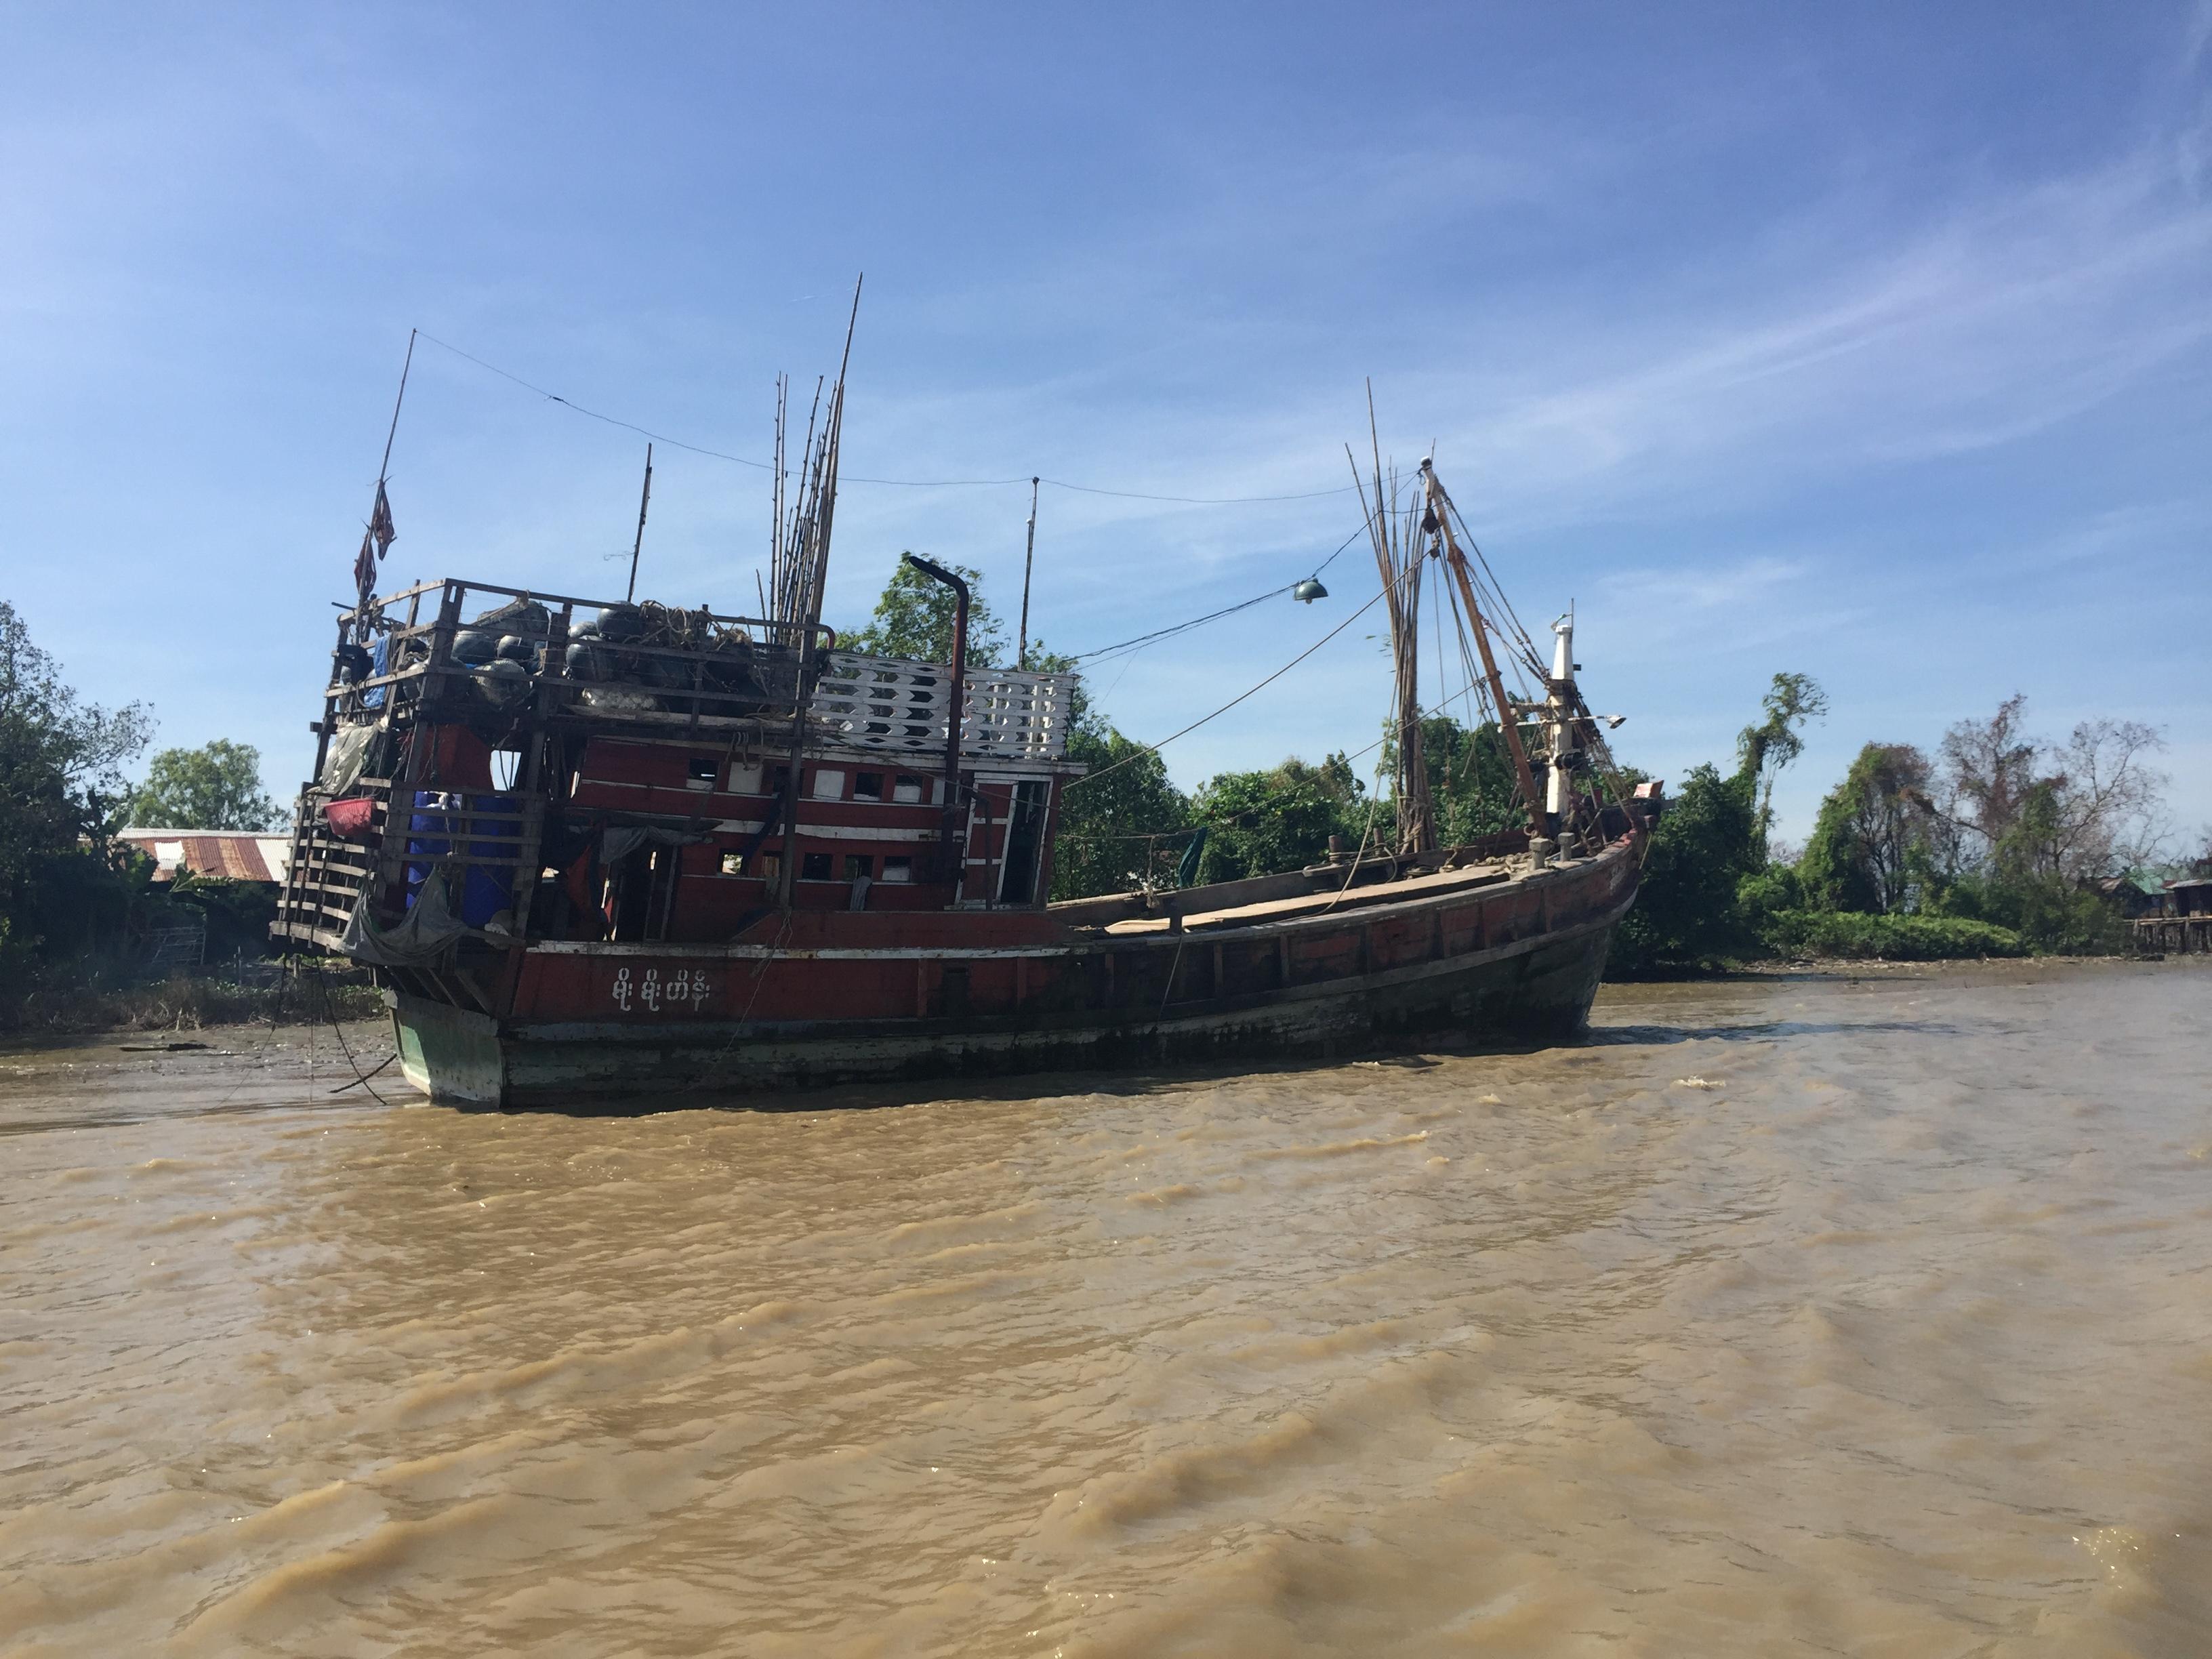 ရာသီဥတုဆိုးရွားစဉ် ကမ်းနီး၊ ကမ်းဝေးငါးဖမ်းရေယာဉ်များ ခိုလှုံရန်နိုင်မည့် နေရာများထုတ်ပြန်